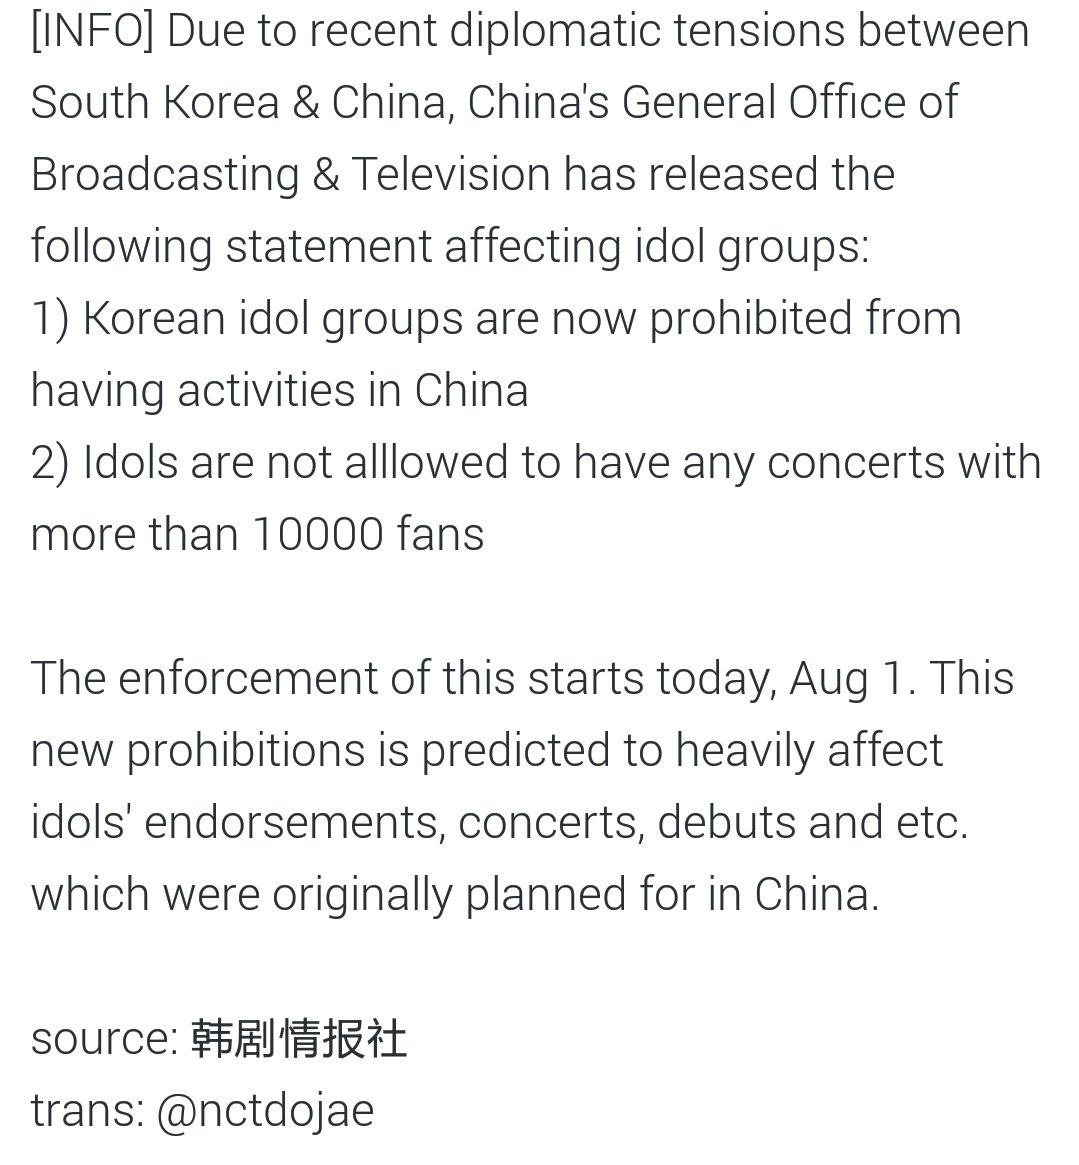 KoreanIdolsBannedInChina